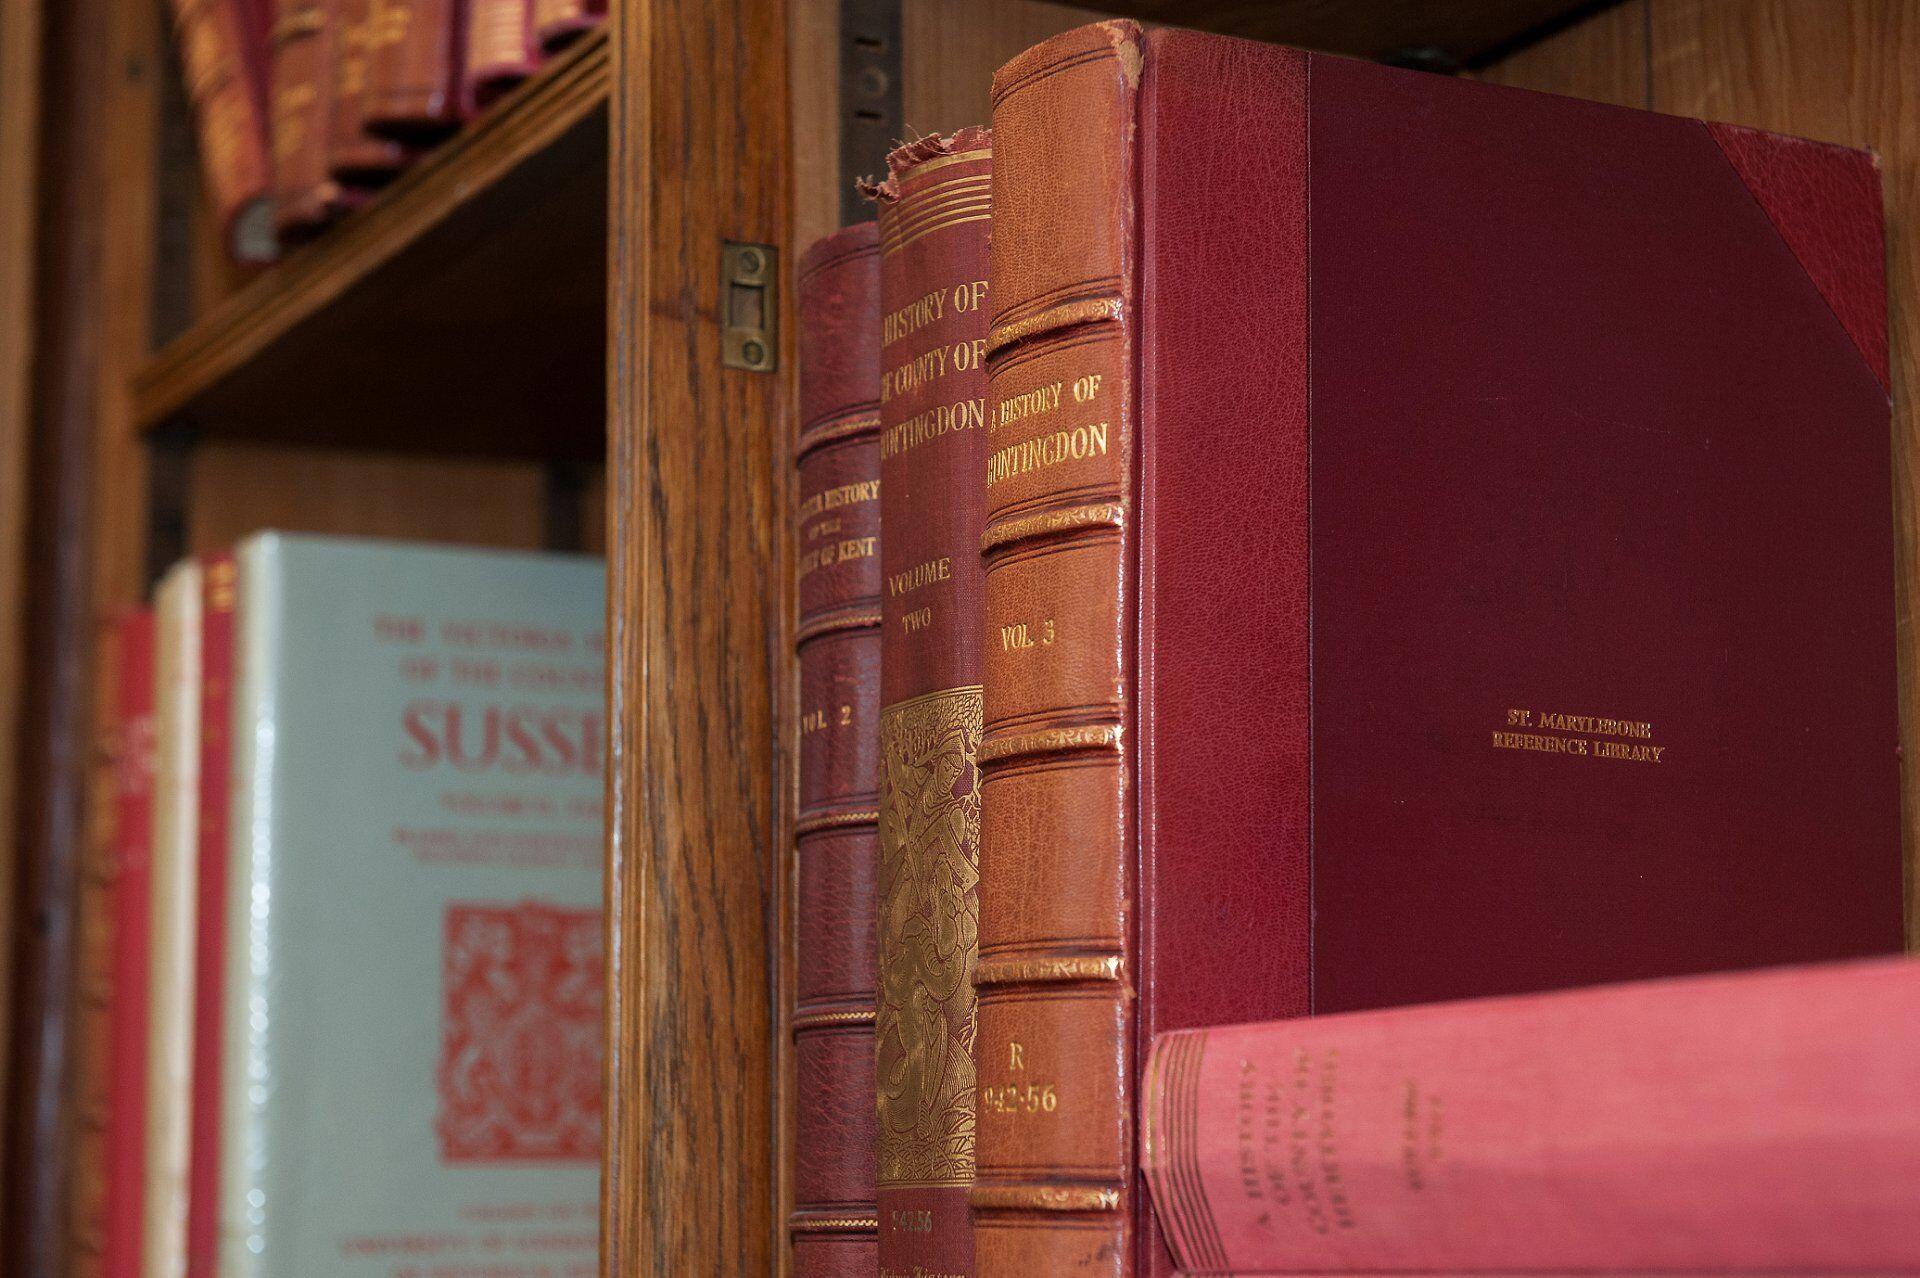 library books on bookshelves inside mayfair library in westminster